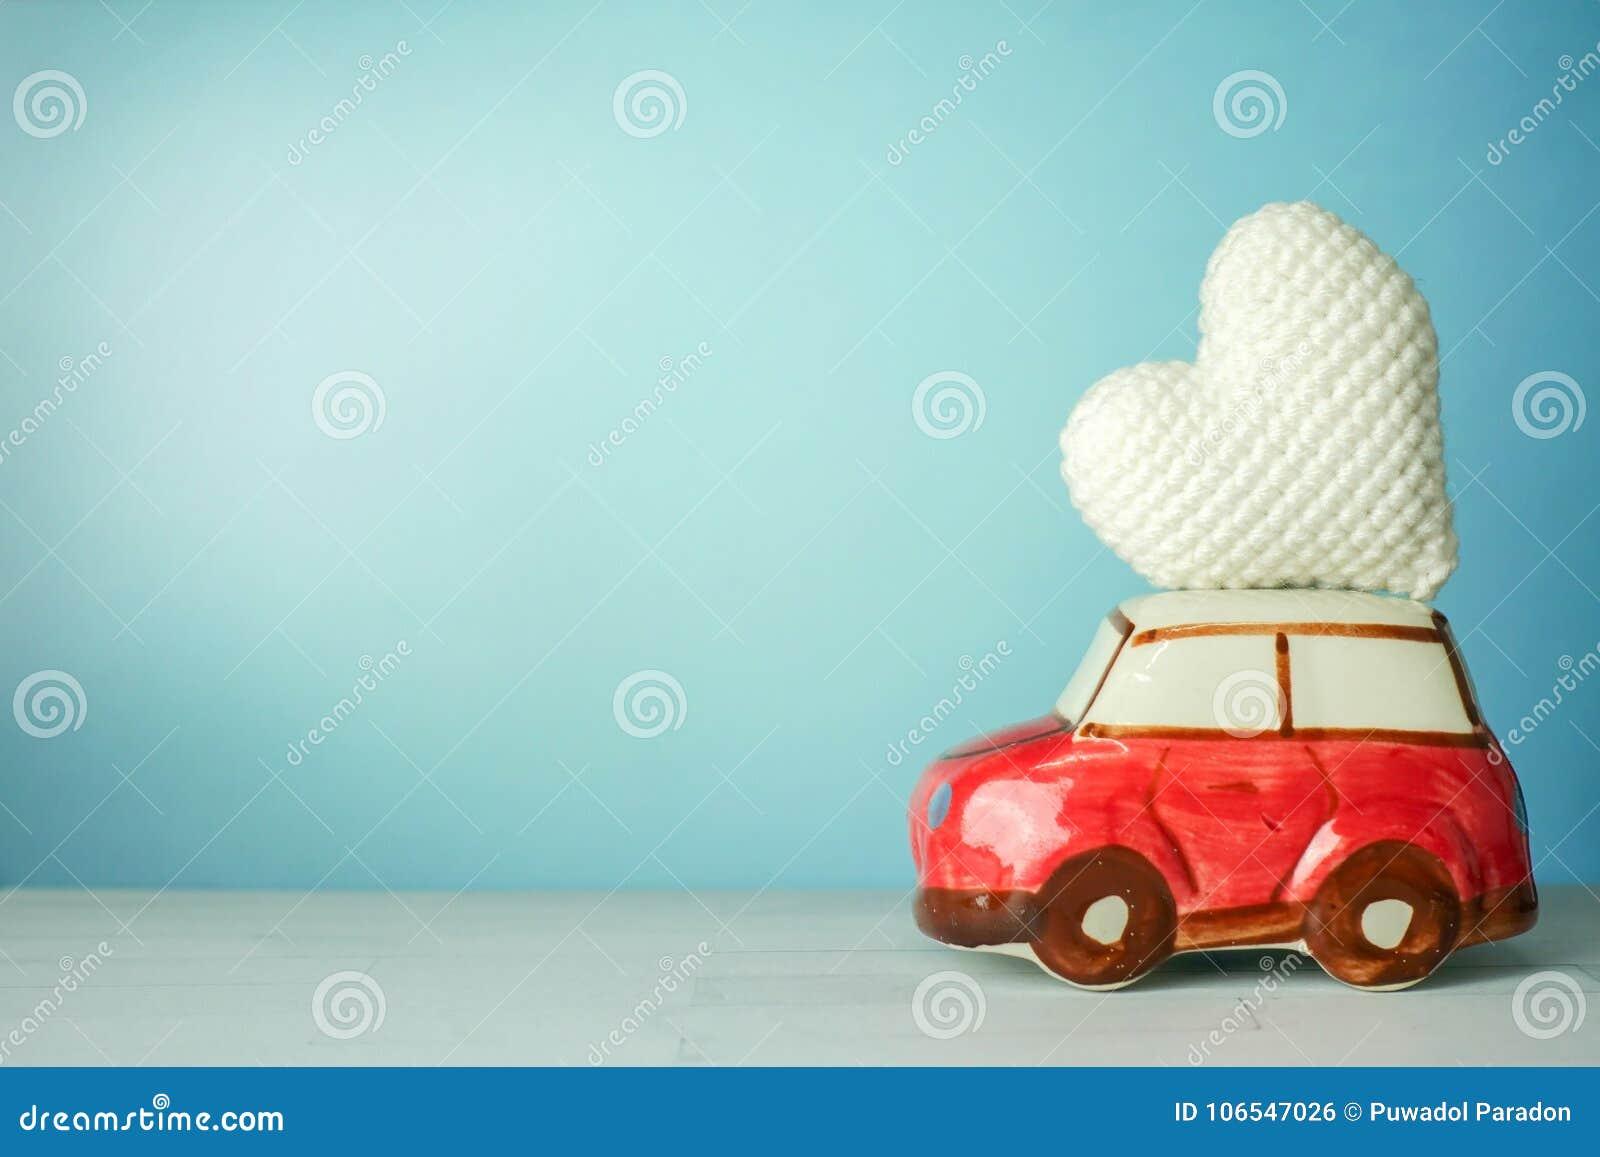 Carro vermelho diminuto que leva um coração branco no fundo ciano